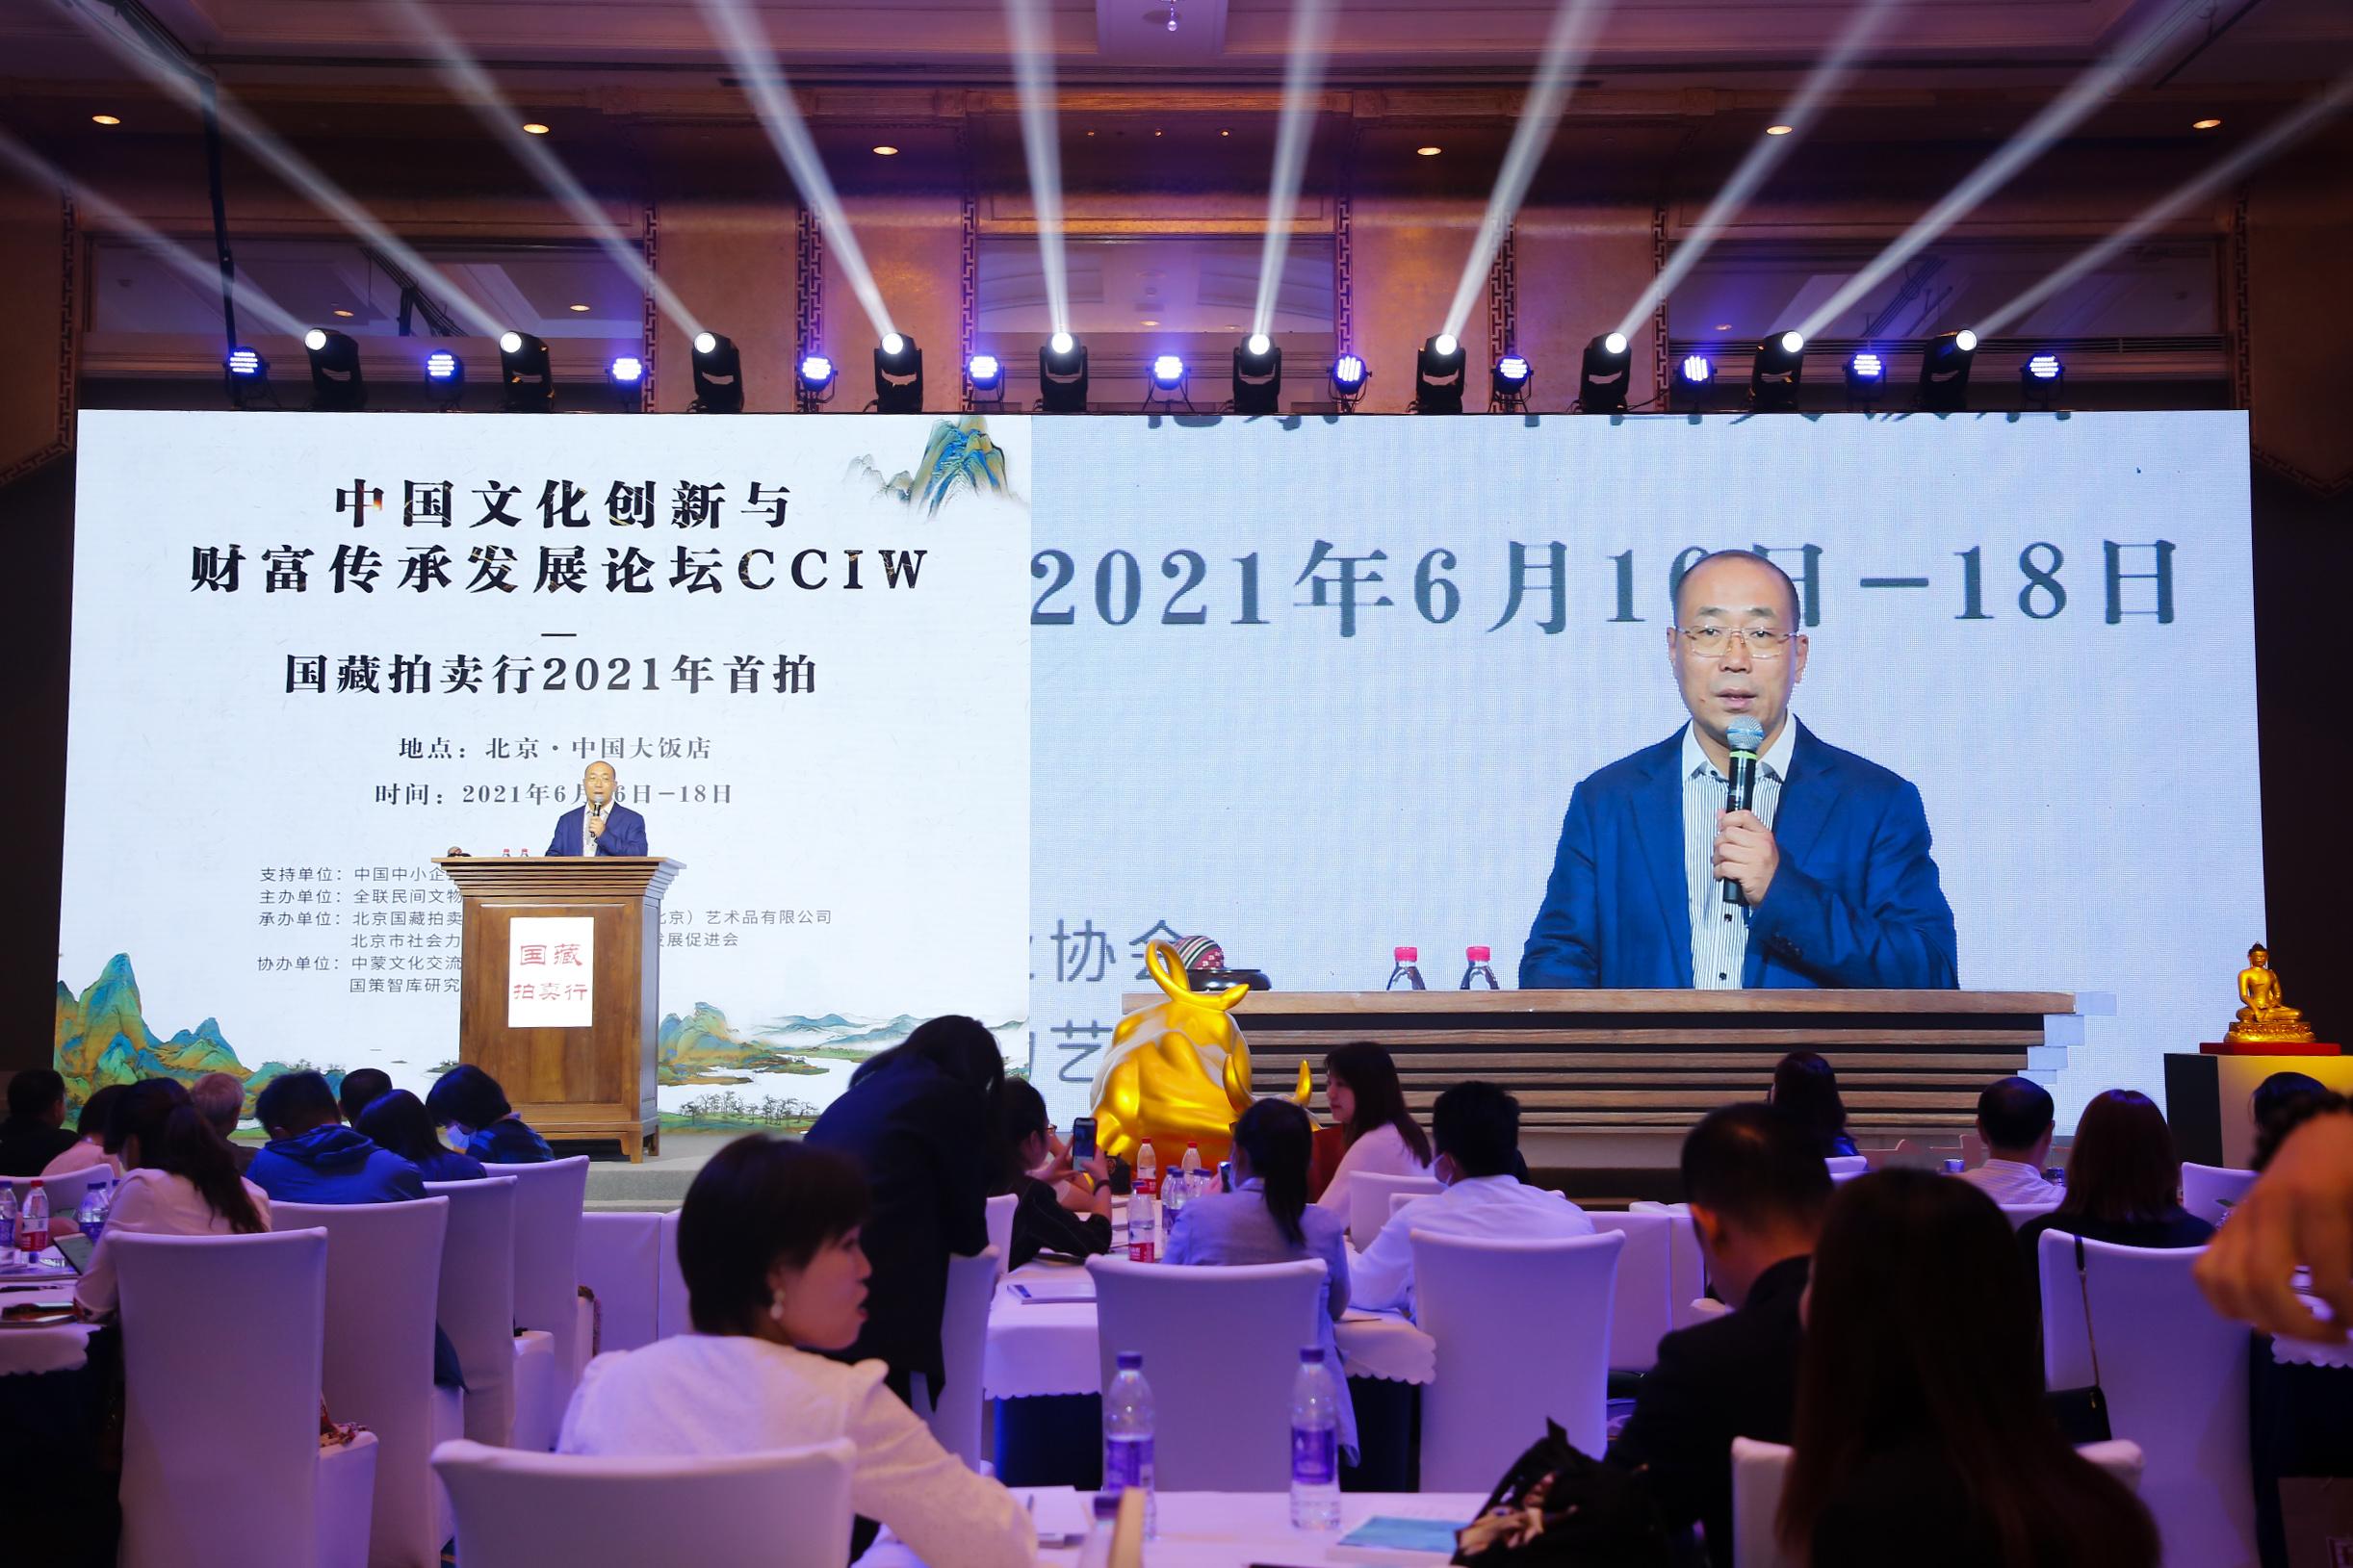 国藏拍卖行2021年春拍火热进行中